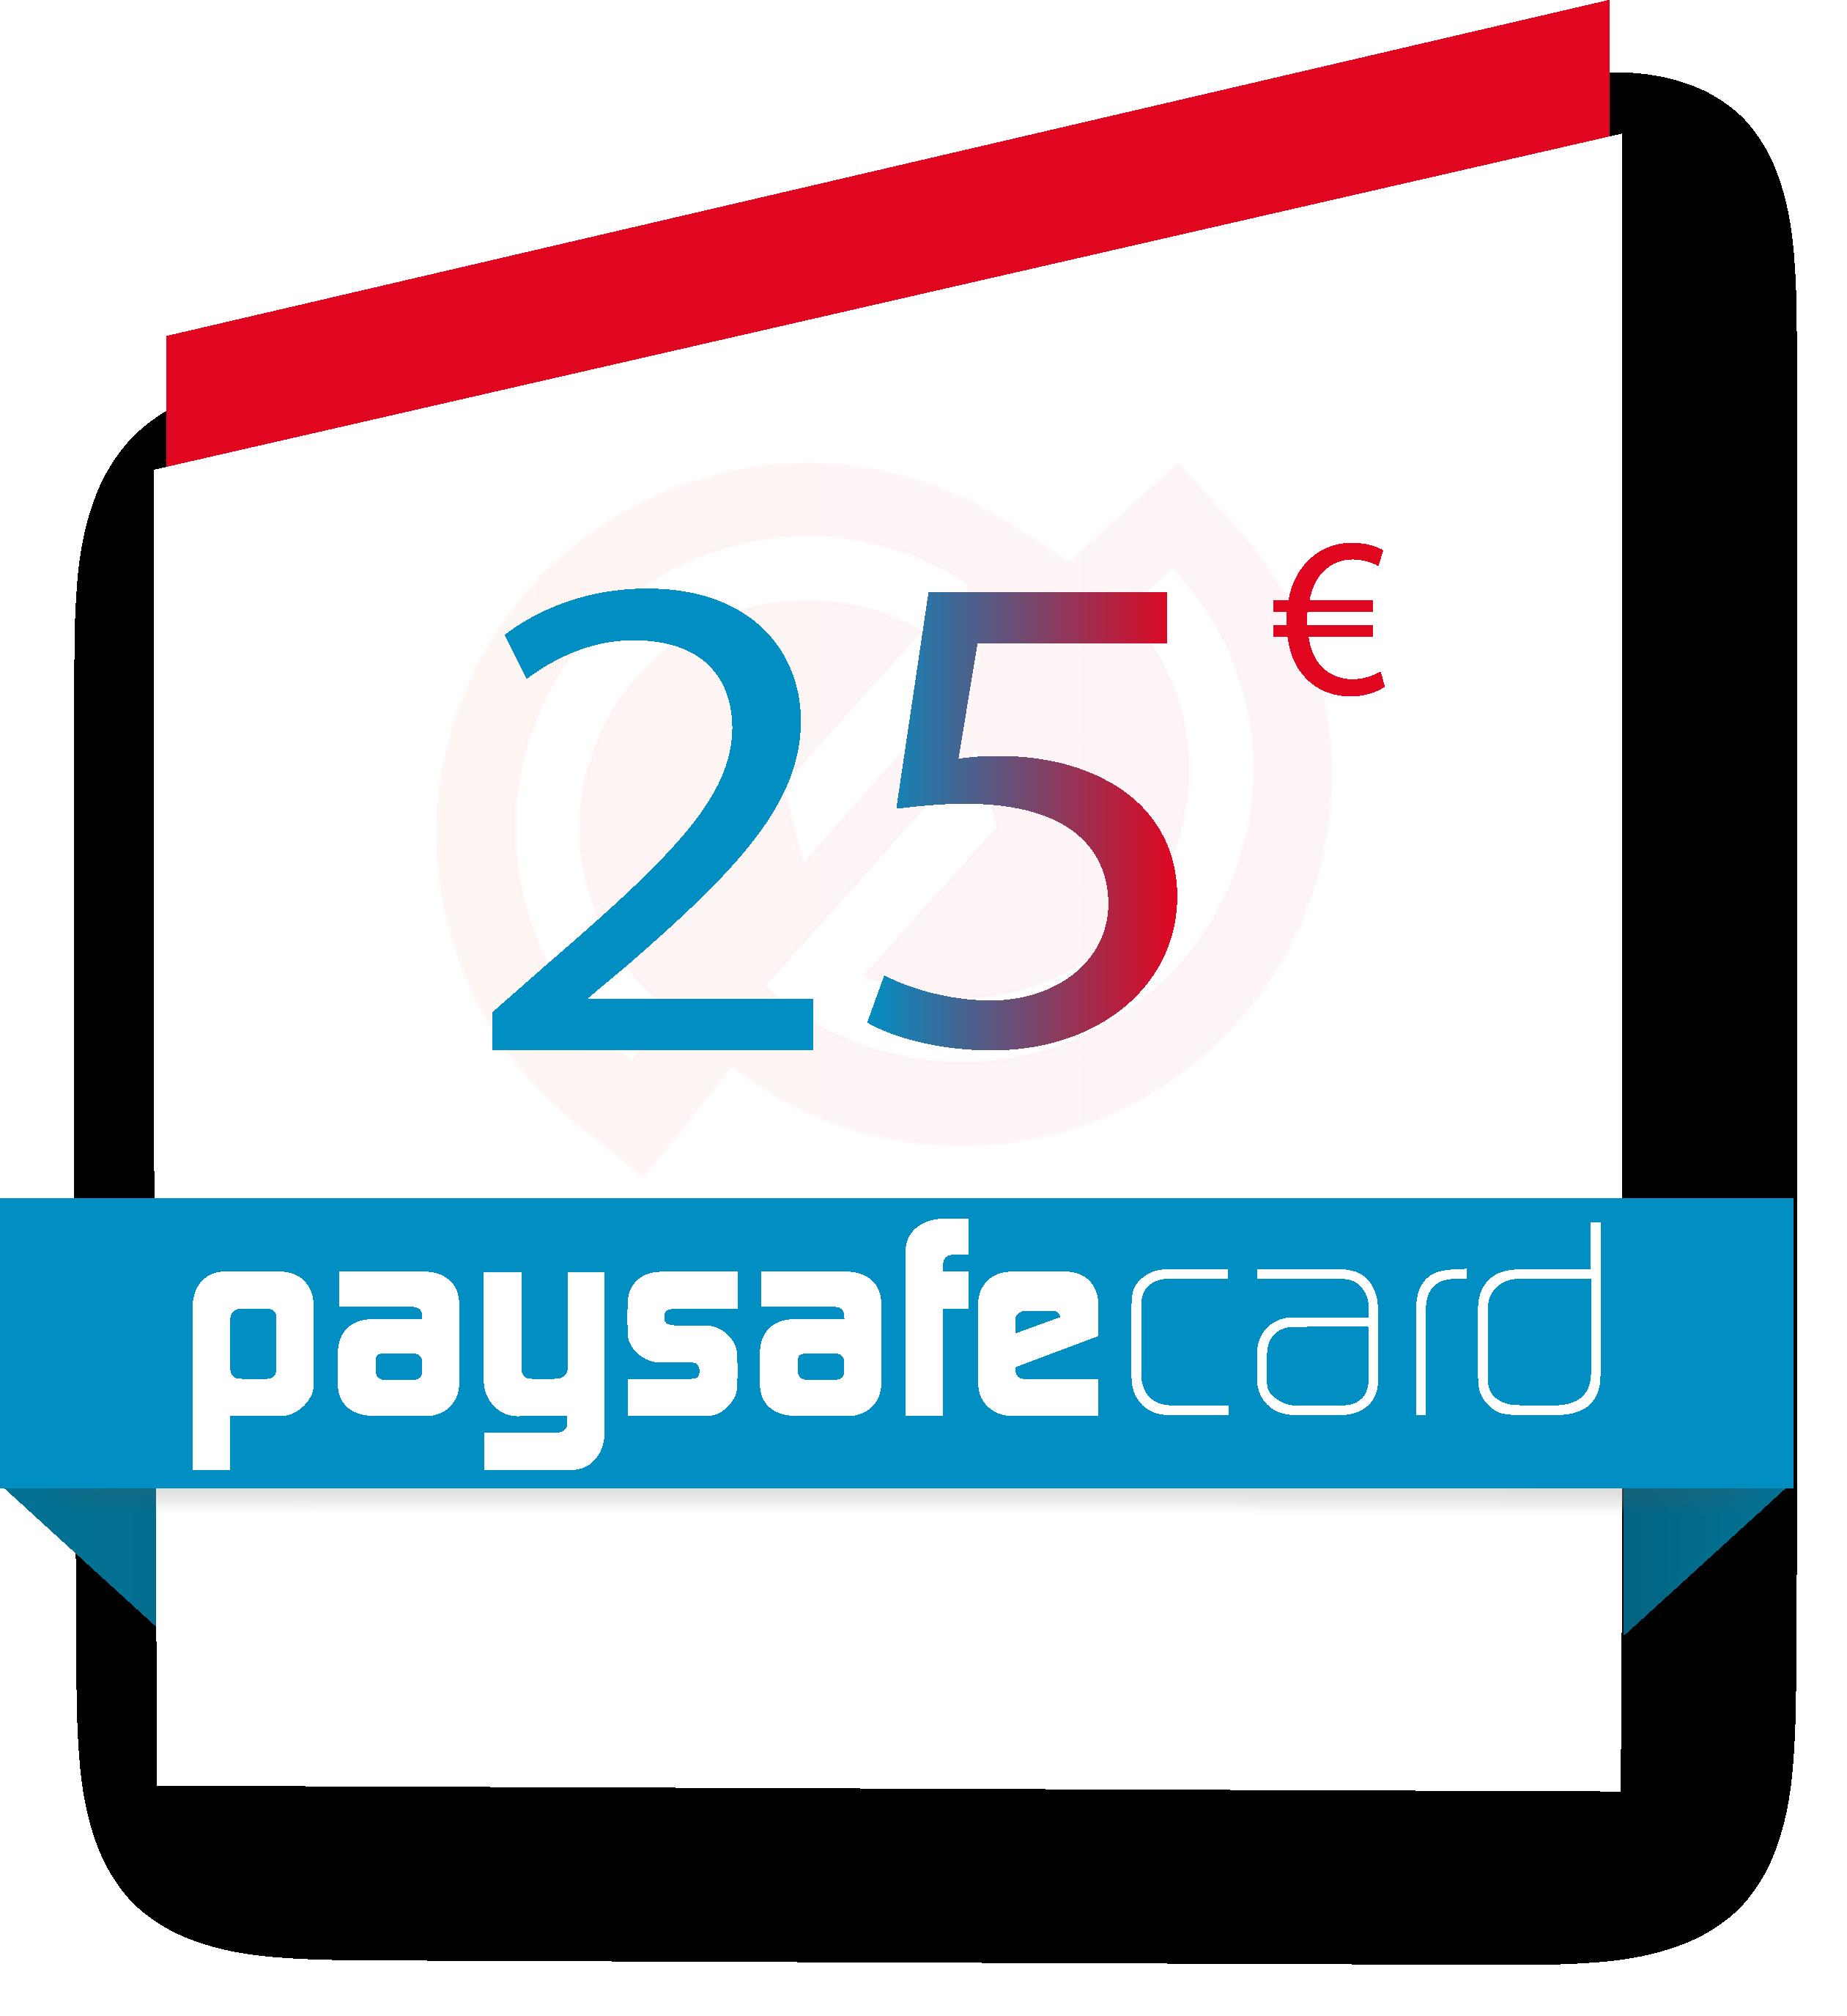 25 Paysafecard